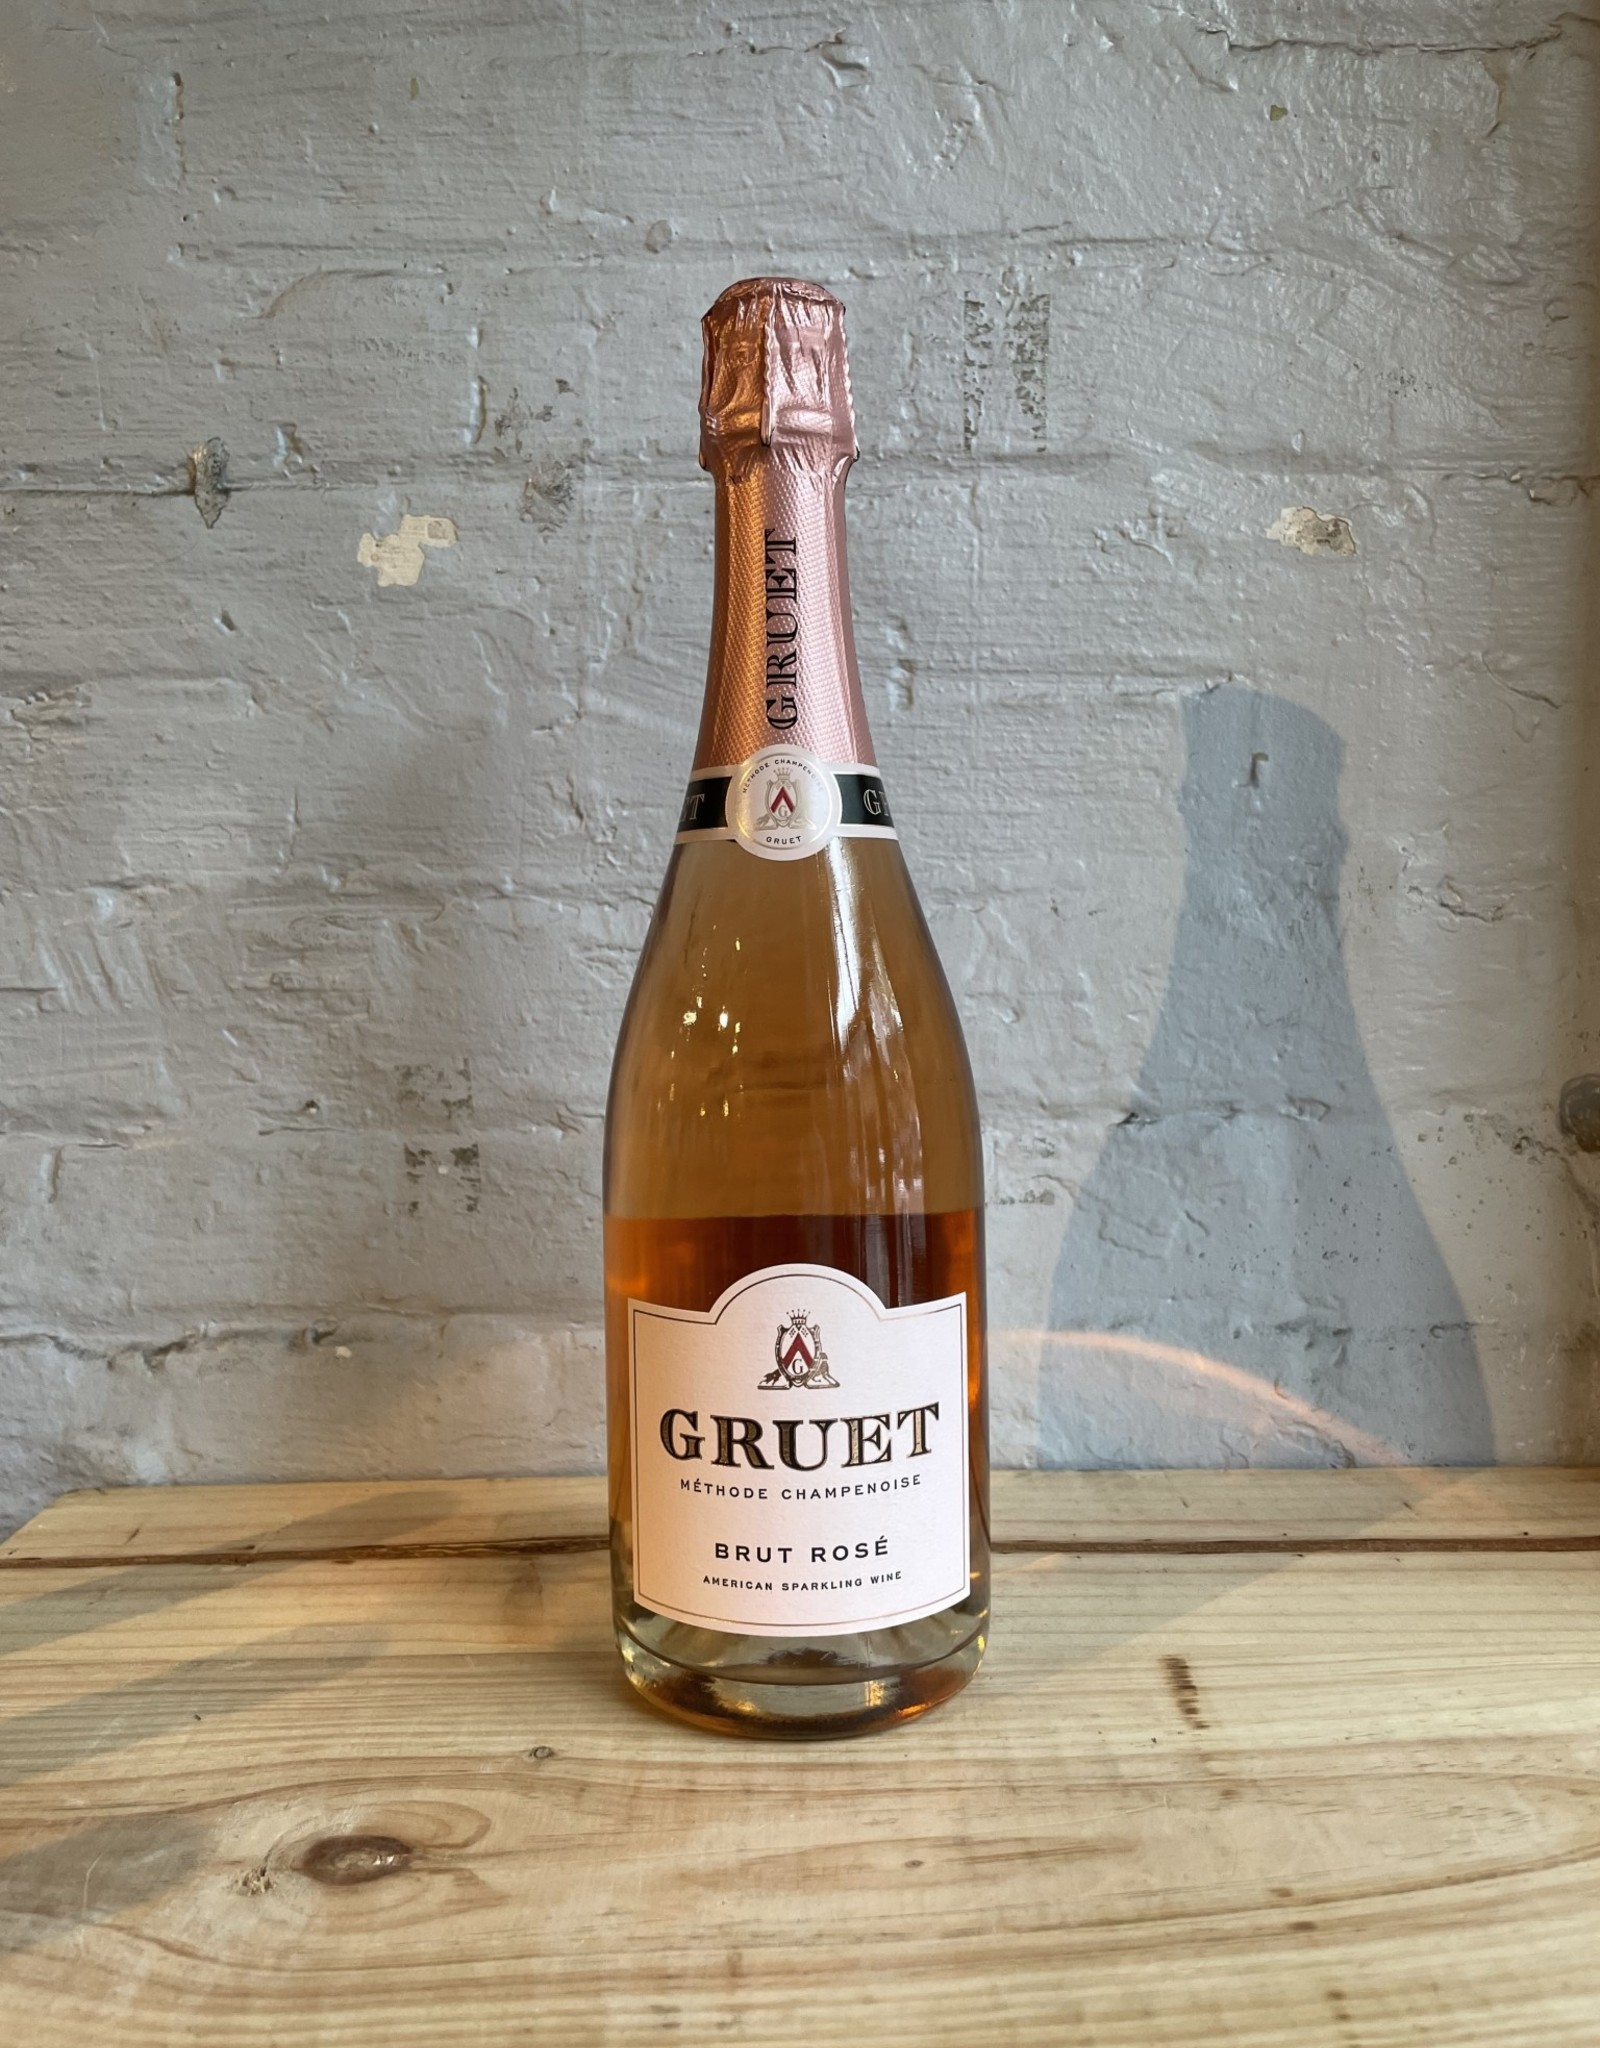 Wine NV Gruet Brut Rose - Albuquerque, NM (750ml)